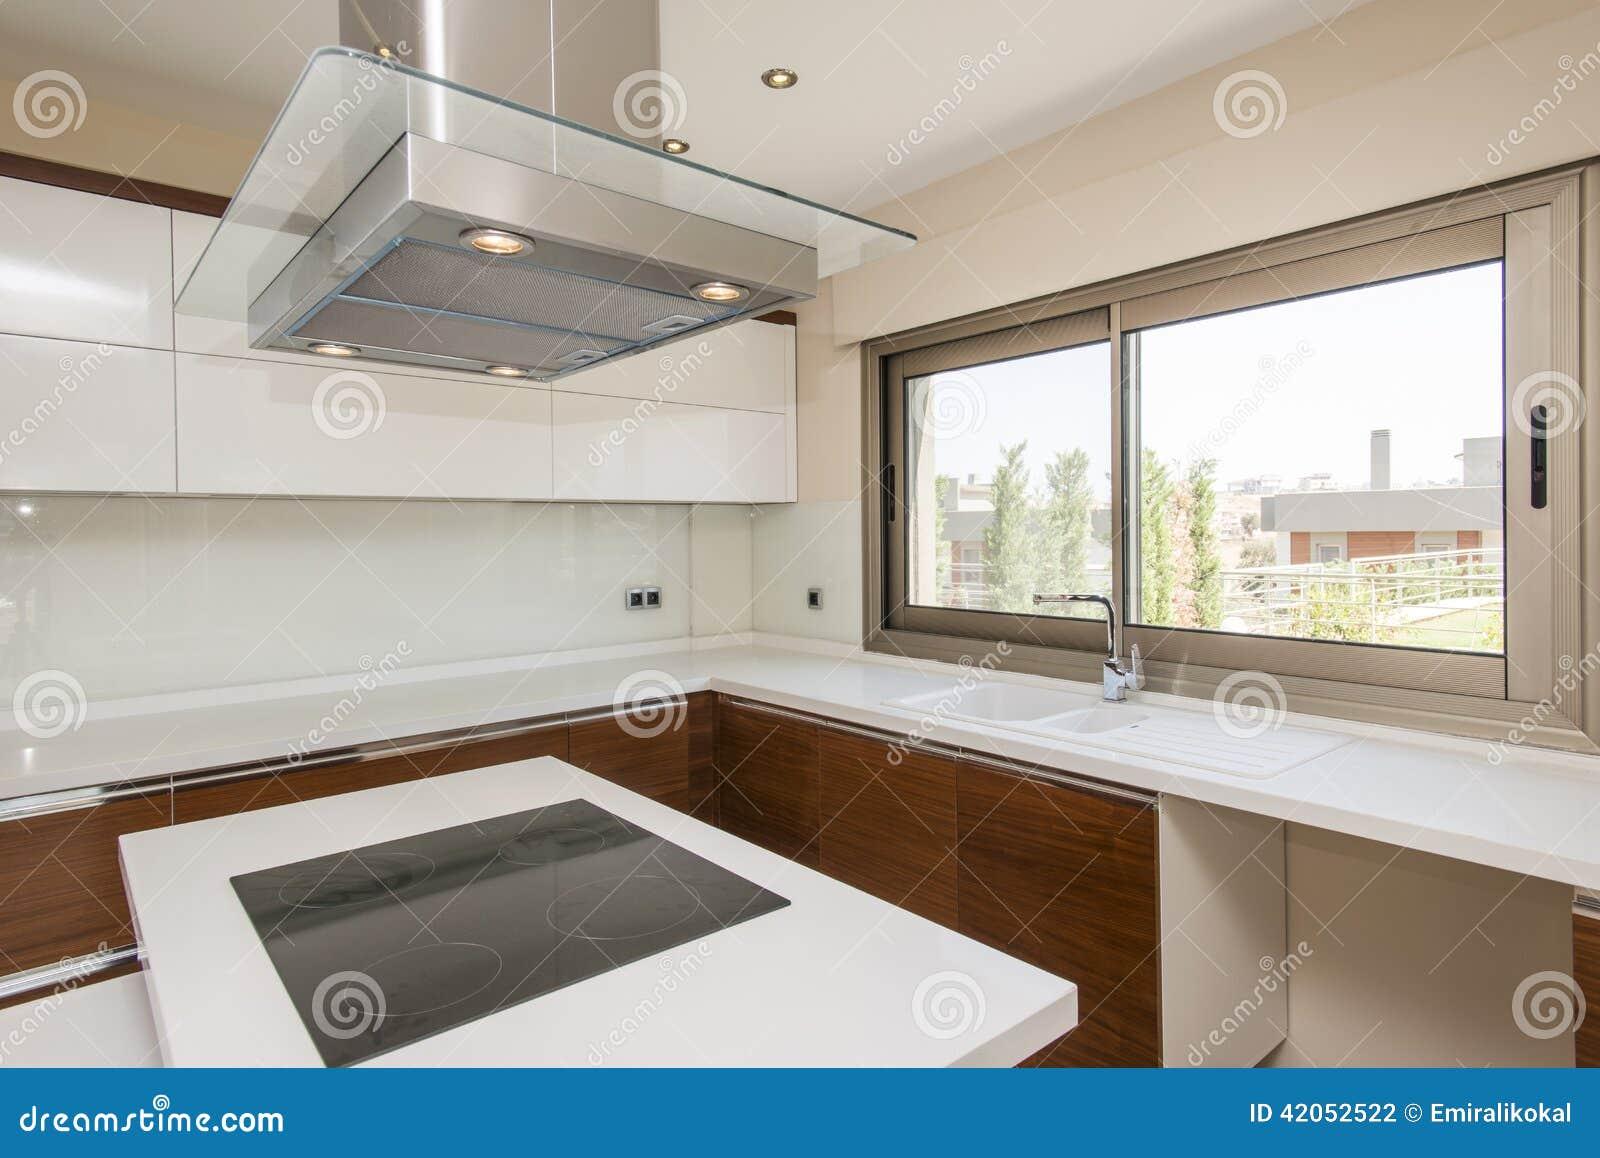 Cozinha Moderna Brilhante Foto de Stock Imagem: 42052522 #85A823 1300 958